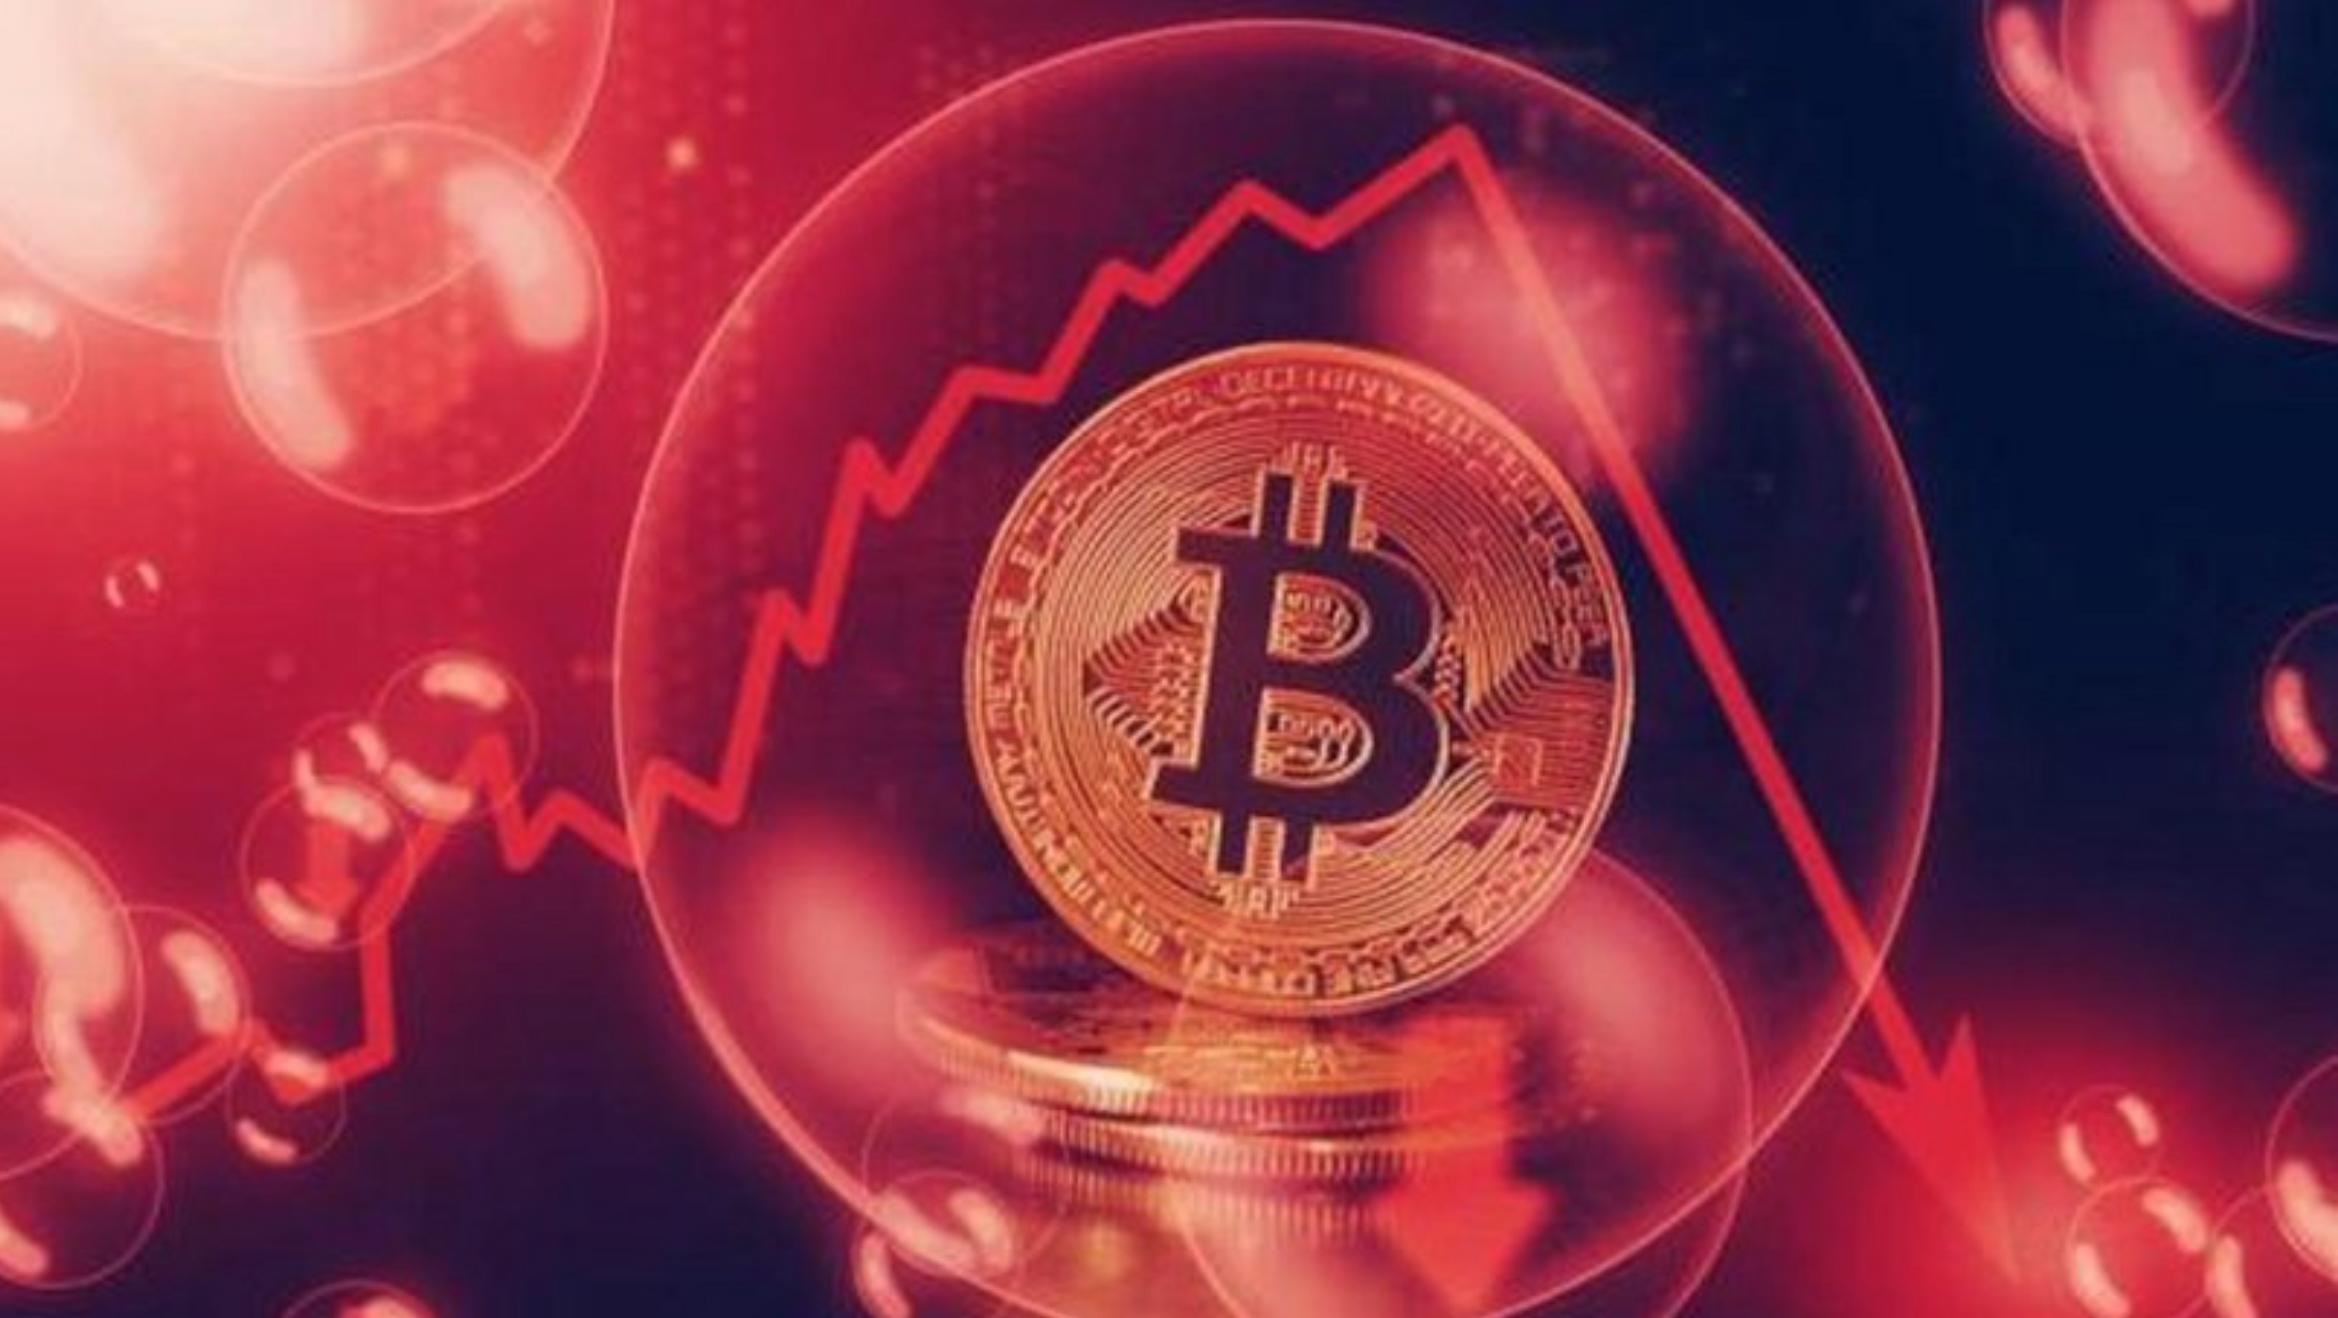 Flashcrash Bitcoin